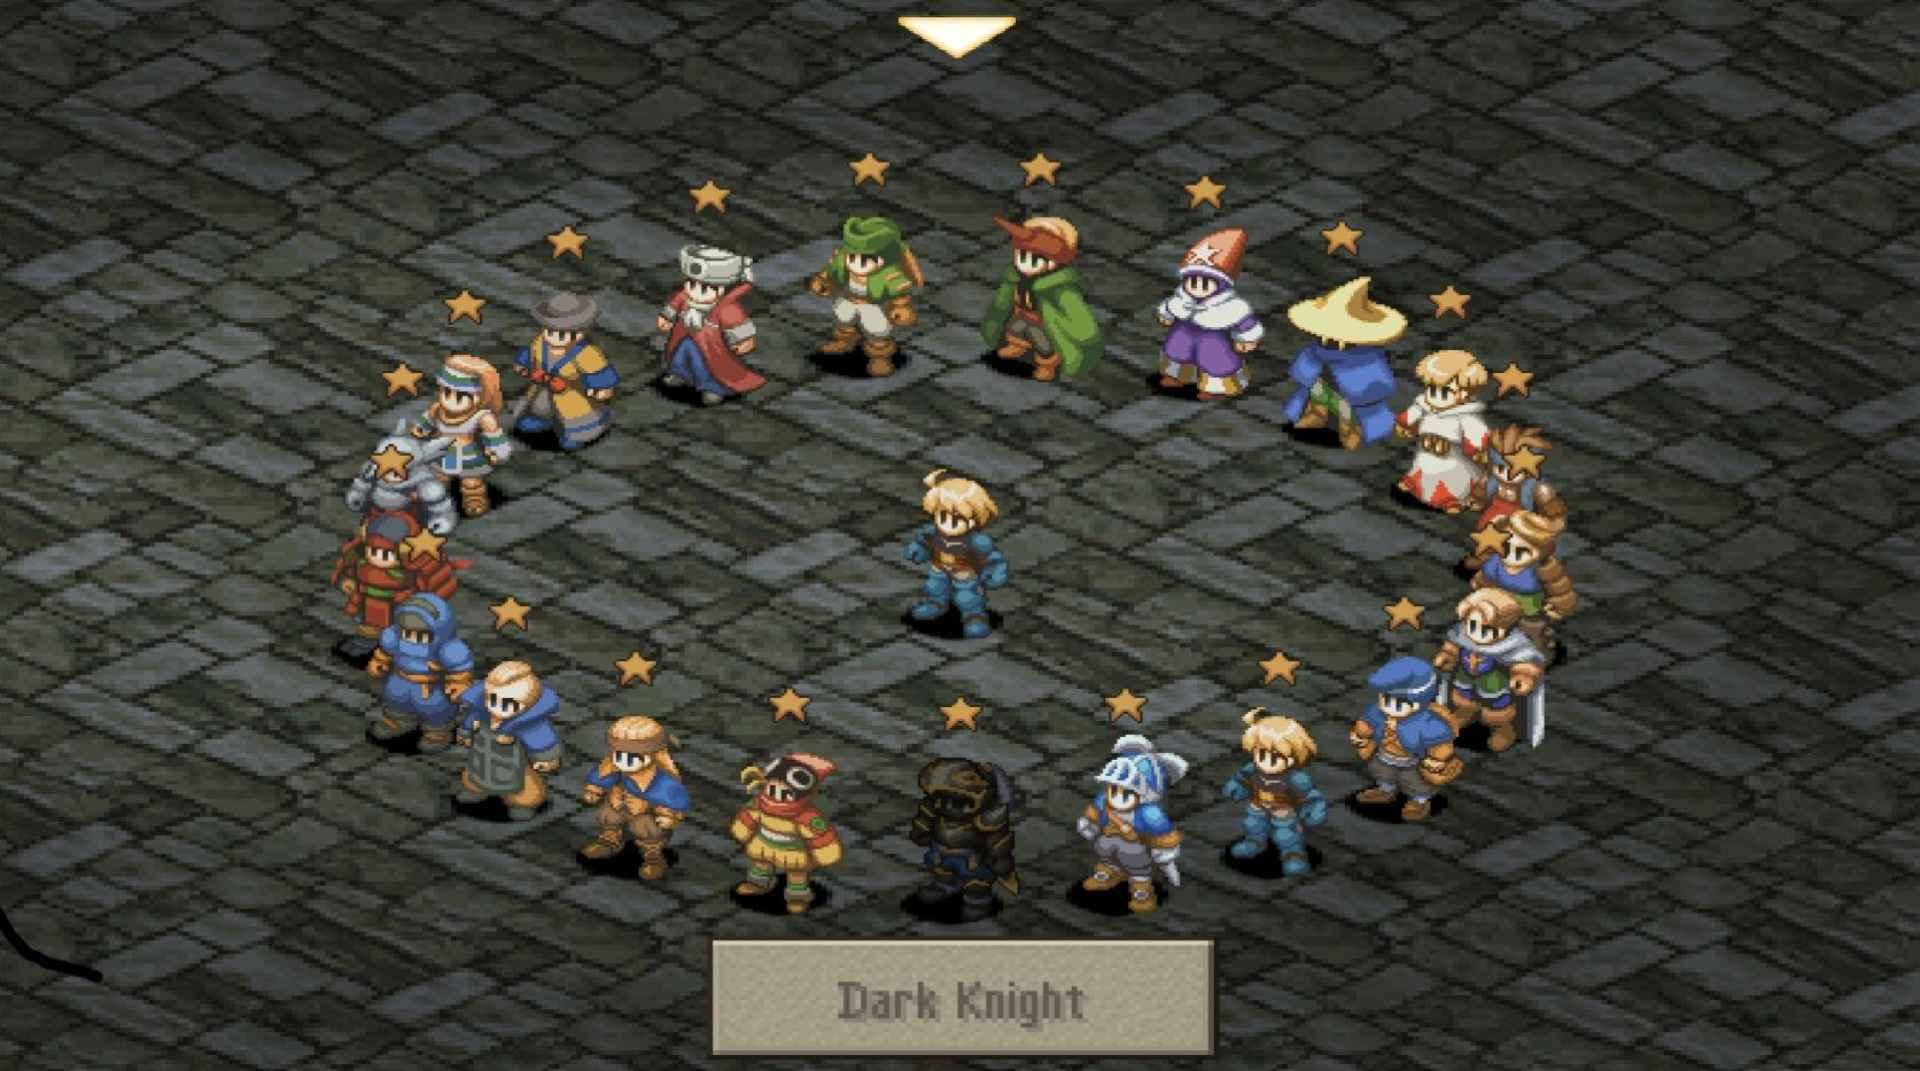 Eidos Montreal рассылает тестовый опрос, посвященный Final Fantasy Tactics